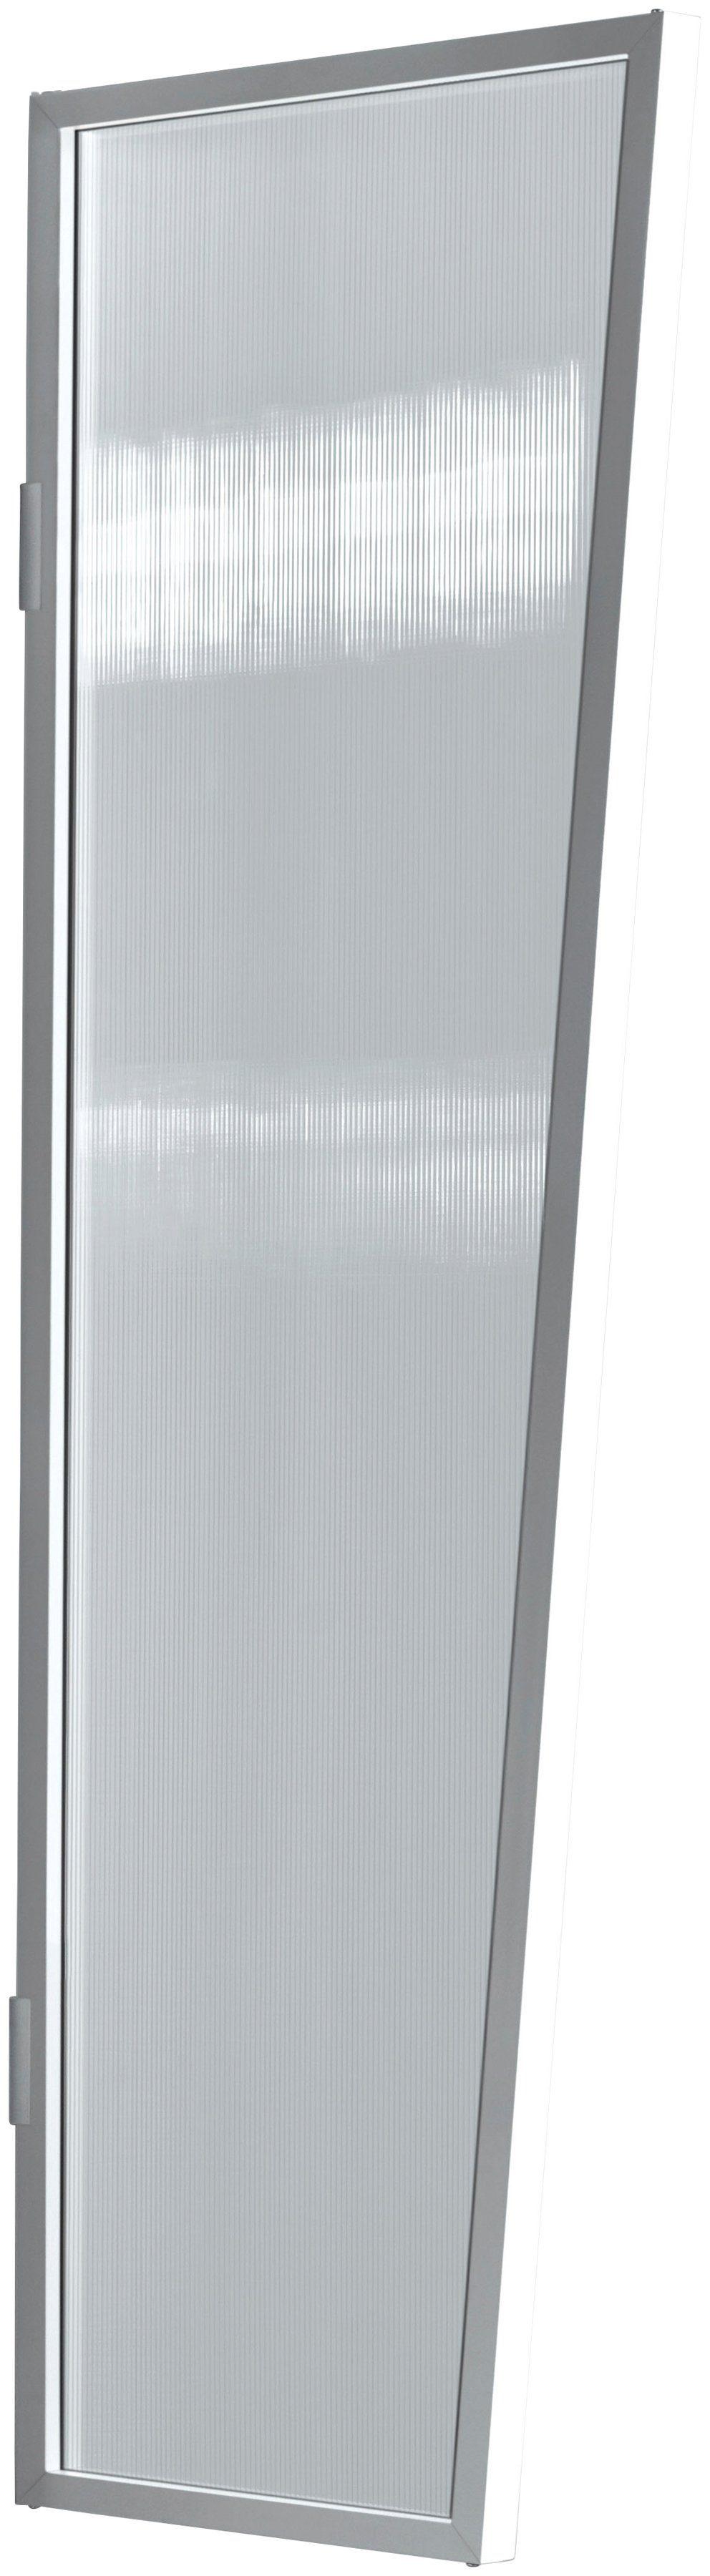 Gutta Seitenblende »B2 PC klar«, BxH: 60x175 cm, weiß/transparent